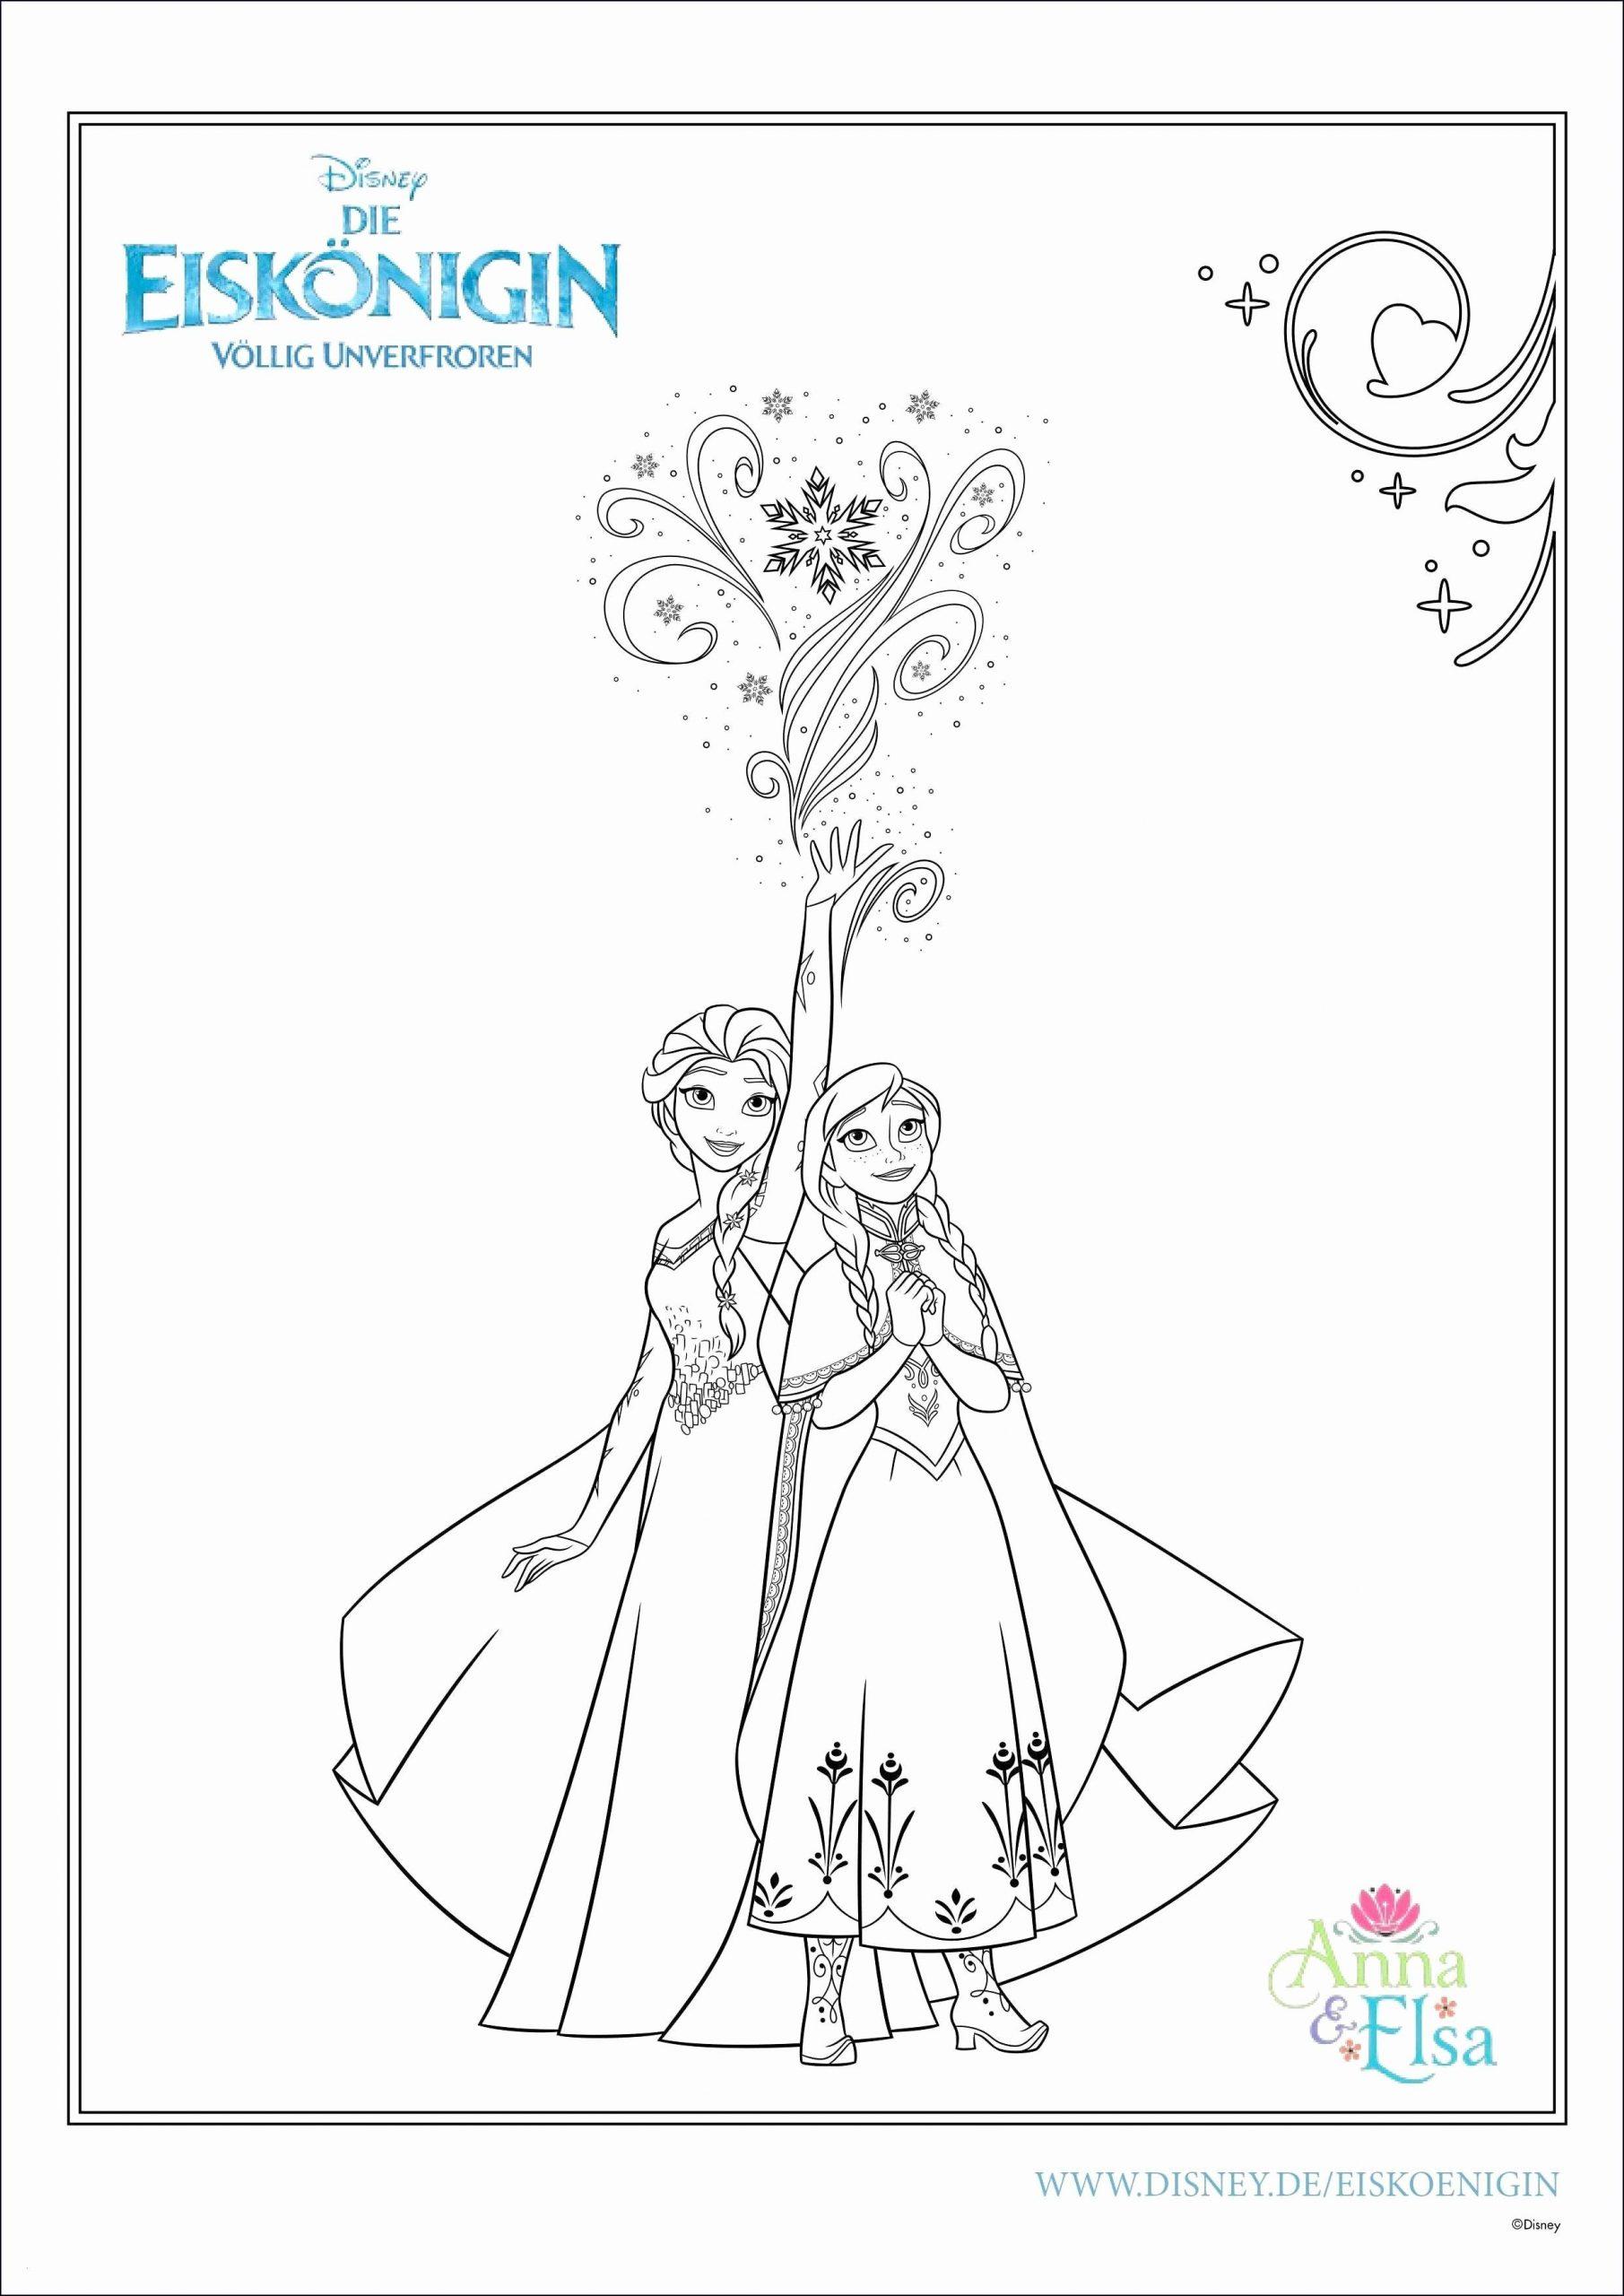 Einzigartig Malvorlagen Zum Ausdrucken Disney In 2020 (Mit ganzes Anna Und Elsa Ausmalbilder